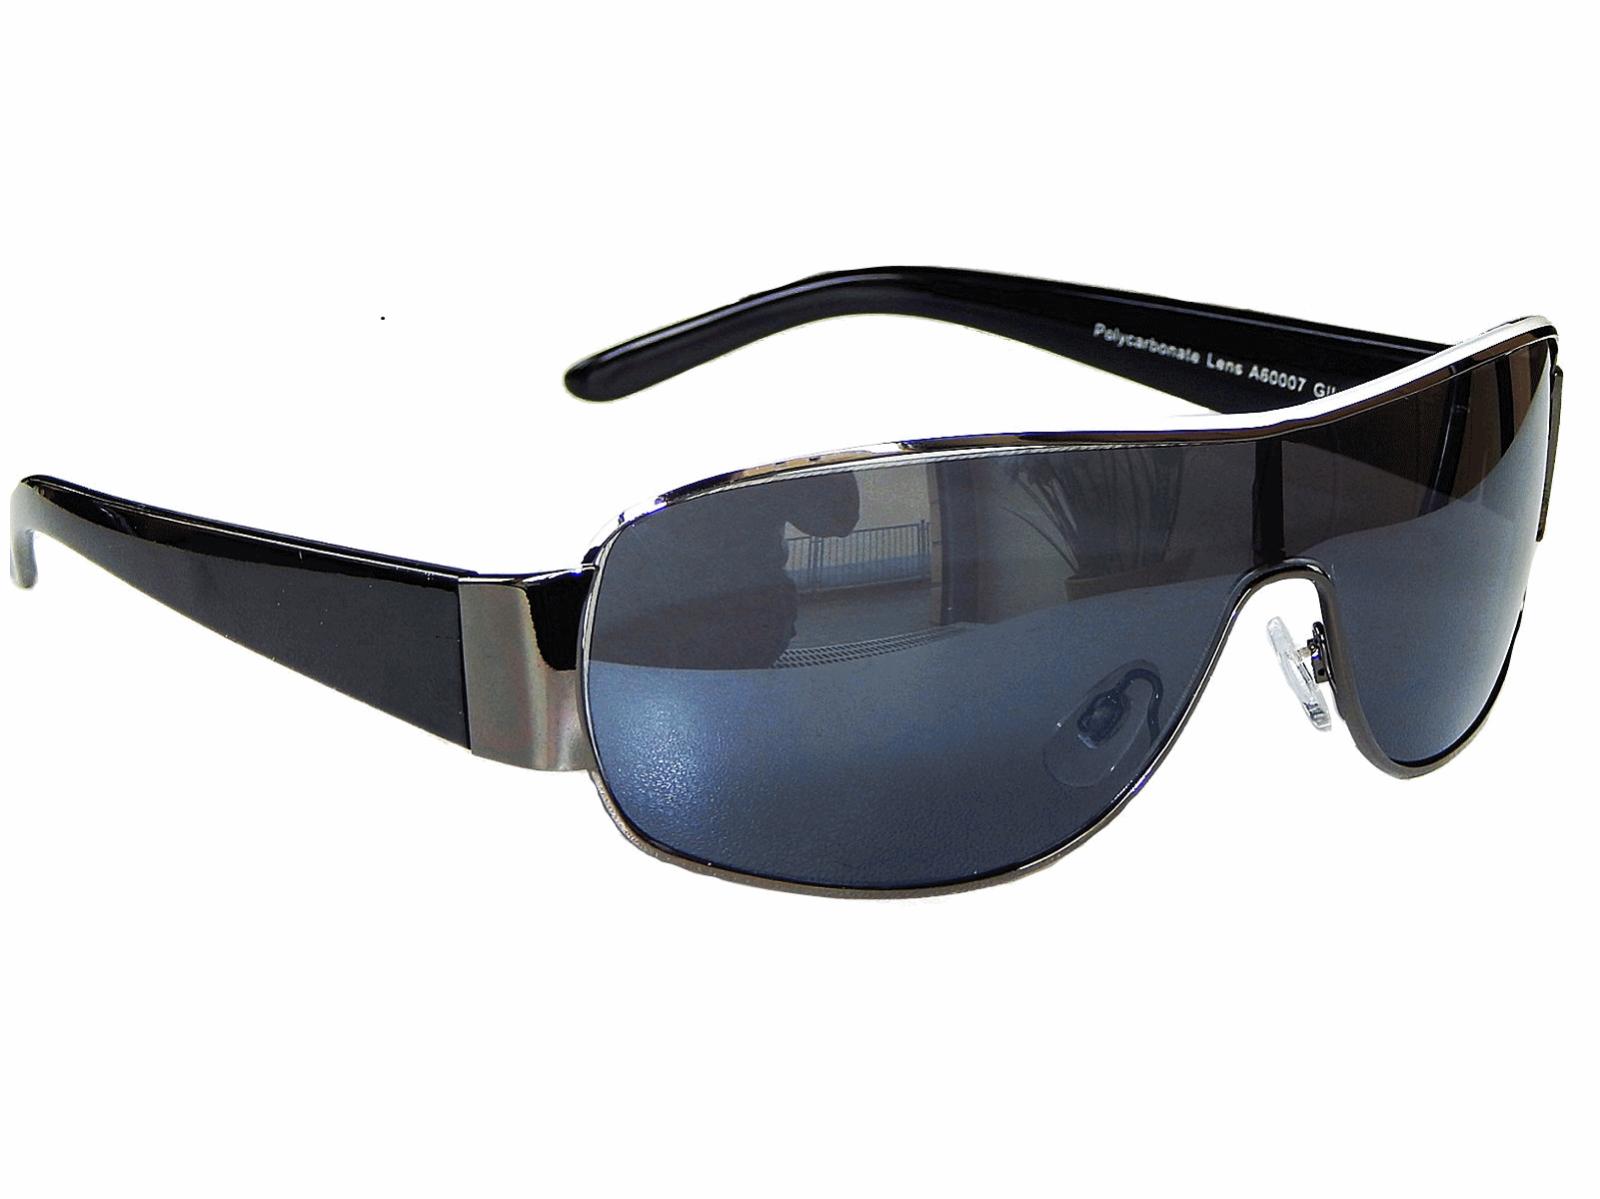 Schwarz Weiße Sonnenbrille Pilotenbrille Monoglas Sportlich M 5 Damen Herren